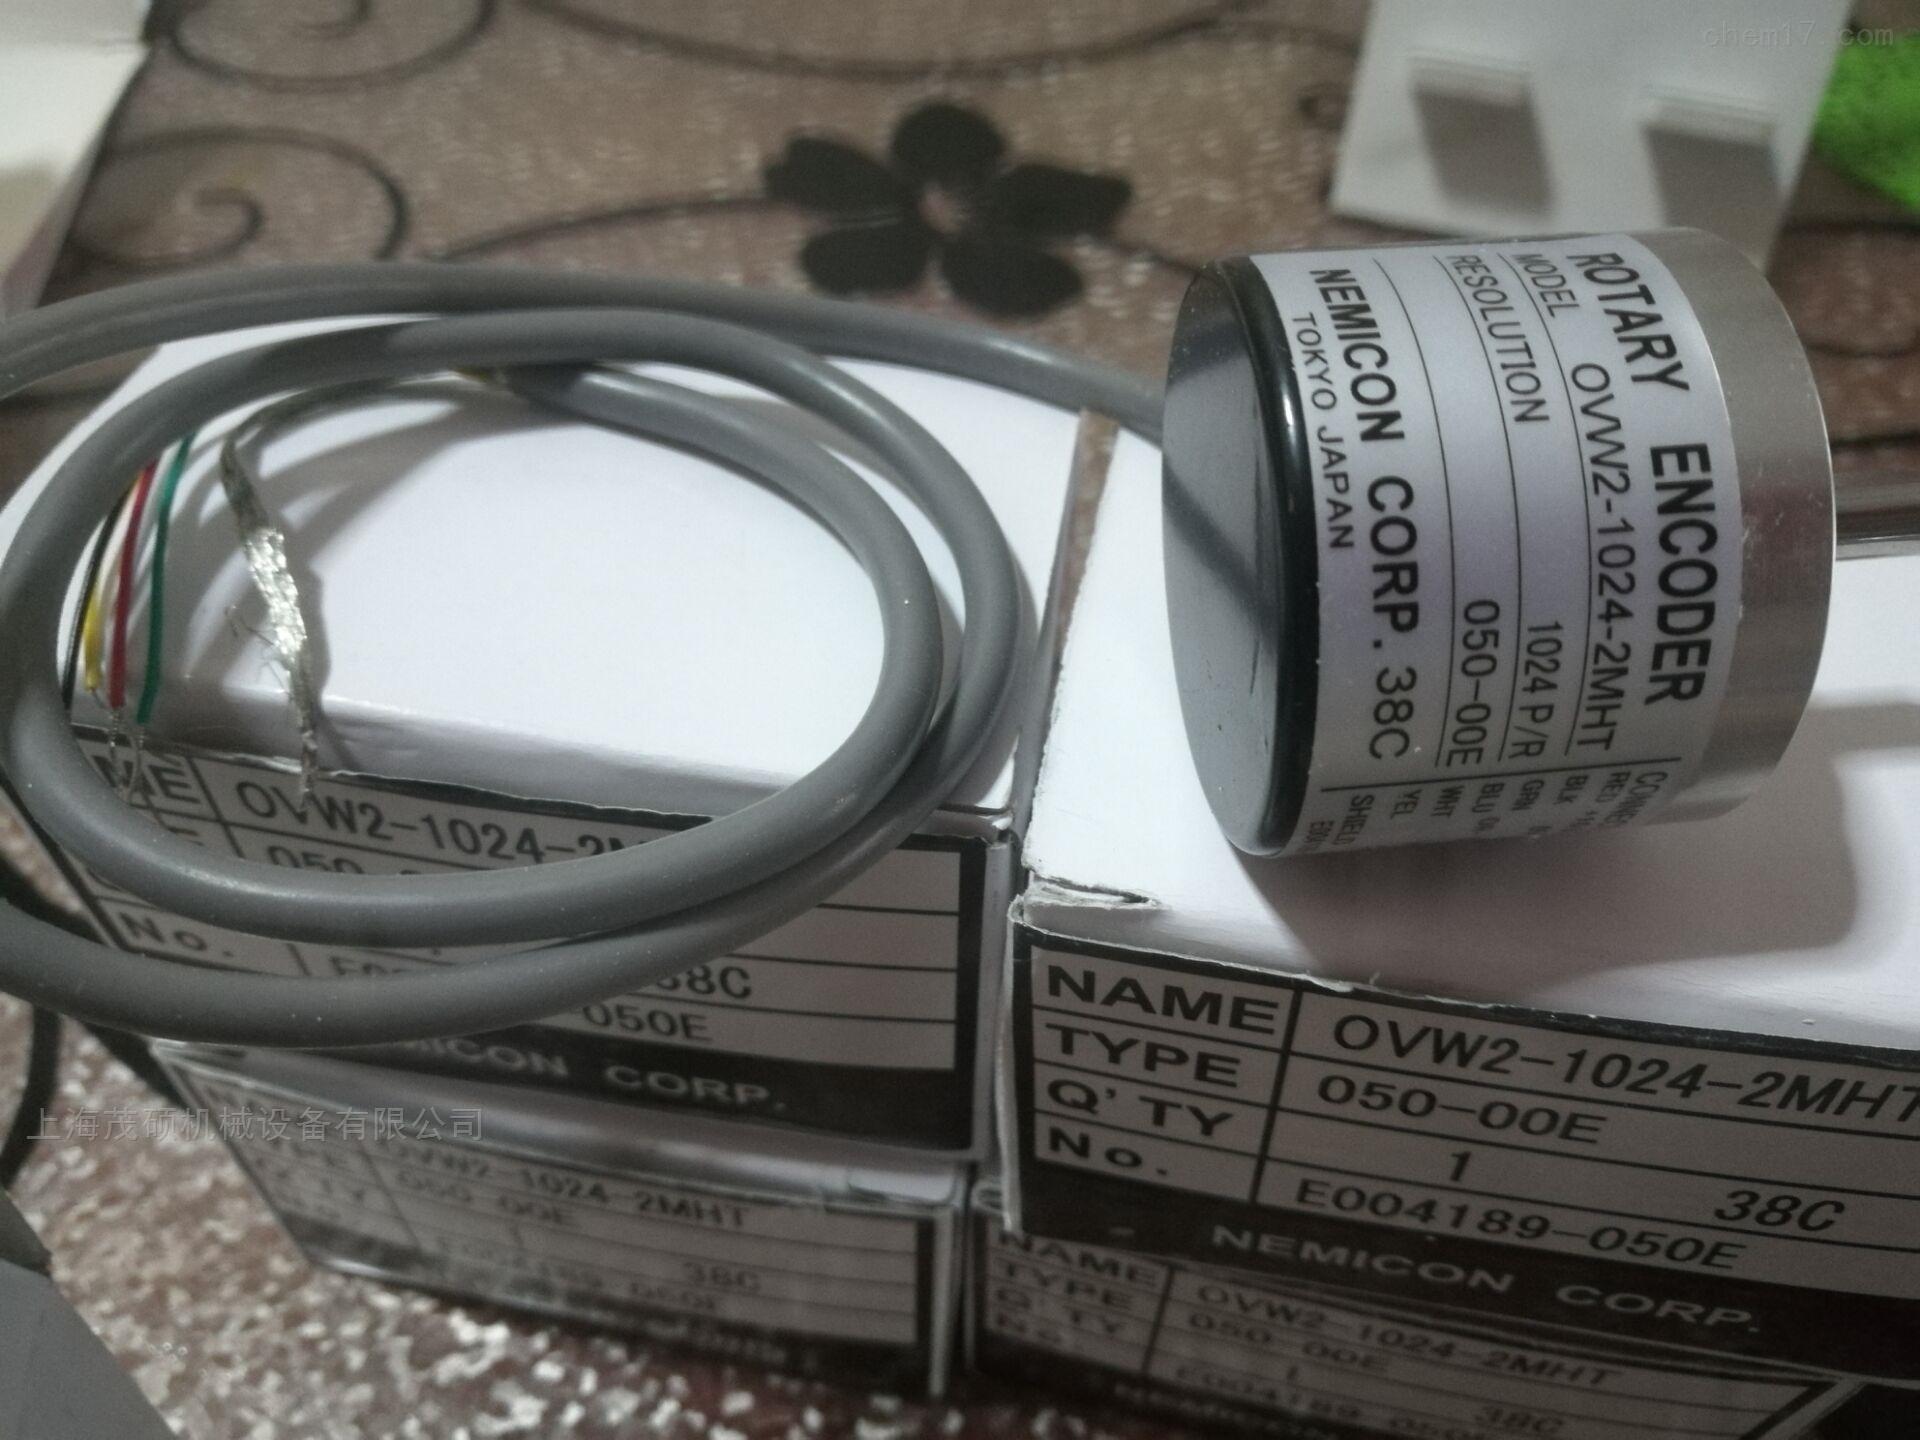 日本内密控编码器OVW2 系列优势NEMICON现货